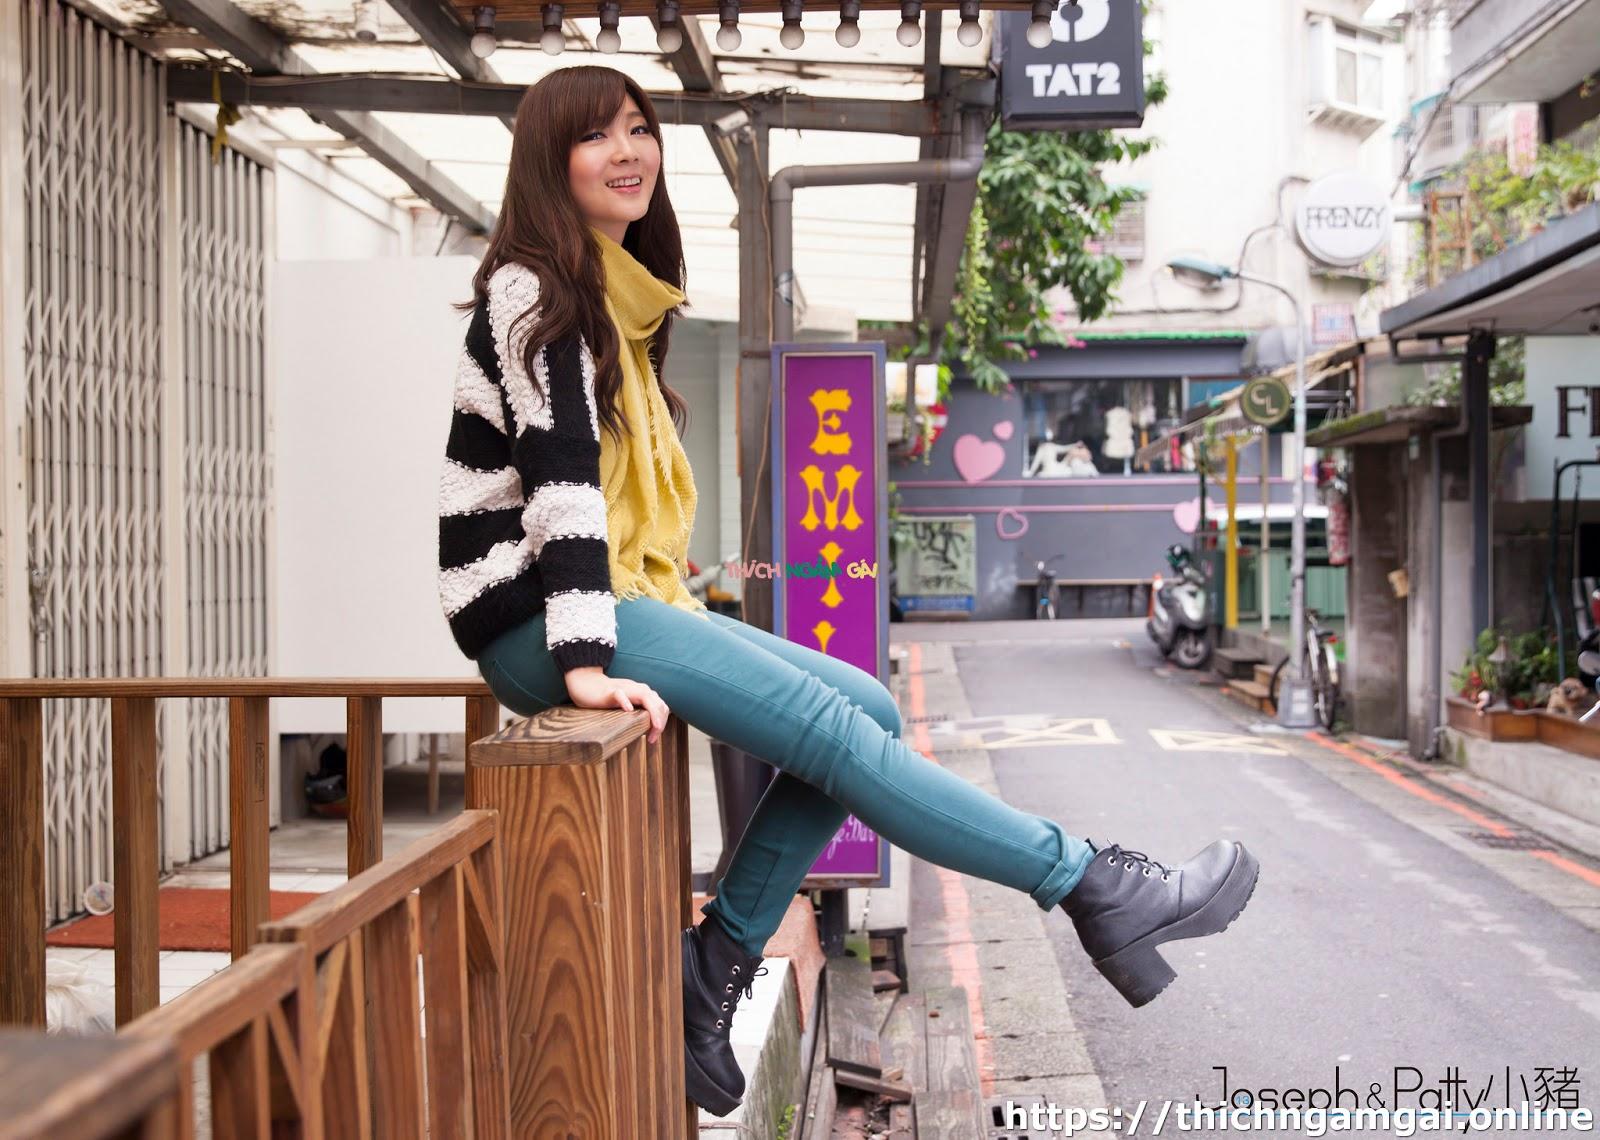 Thích Ngắm Gái 284.%2B_MG_0431%2B%2528Large%2B2048%2529 Tuyển Tập Girls Xinh Việt Nam (Phần 70)